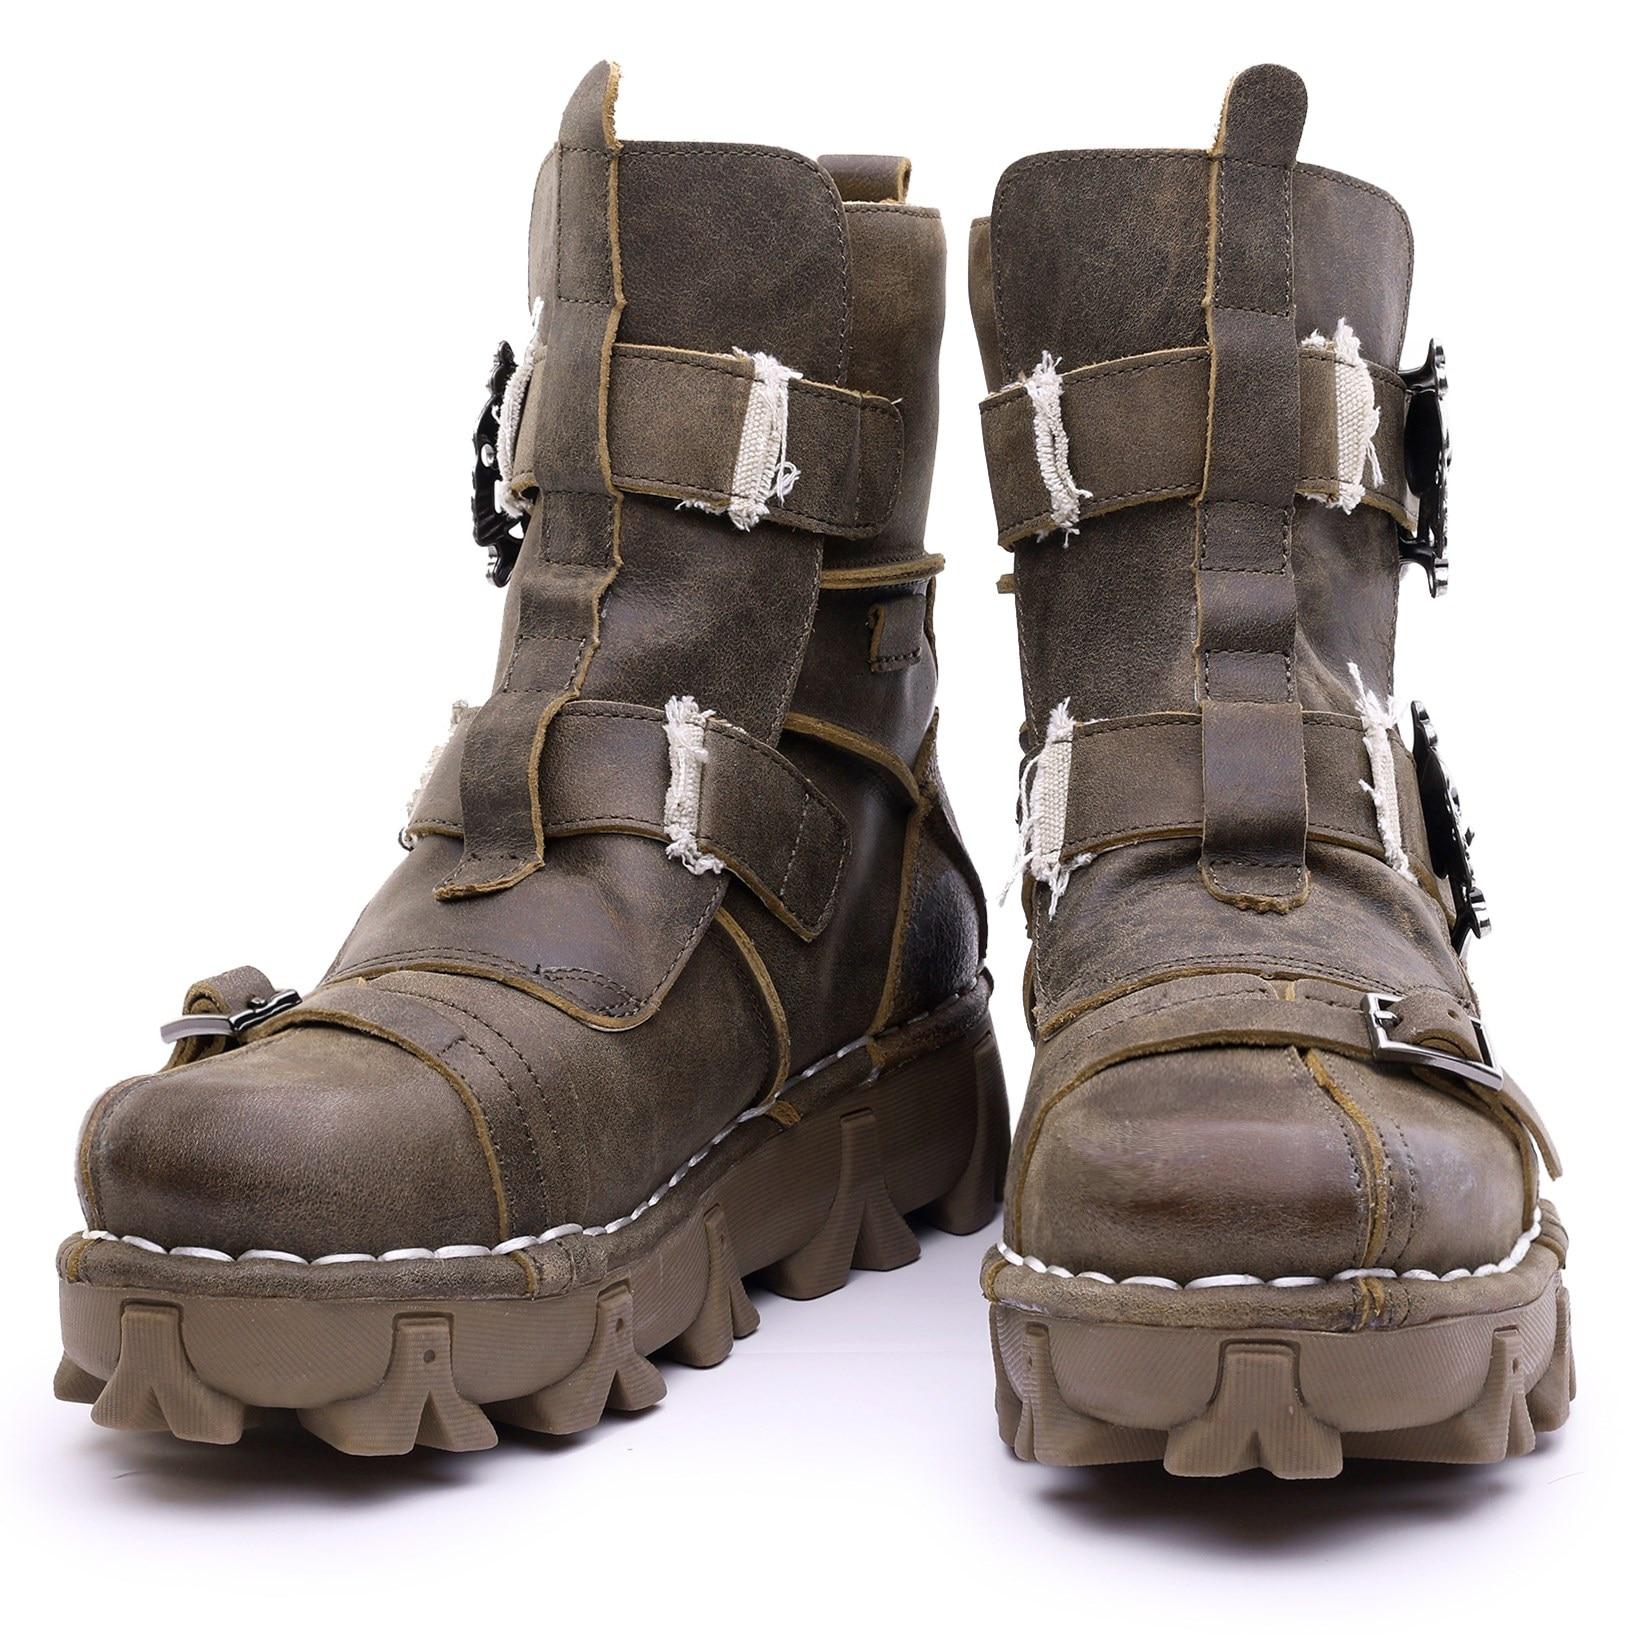 Botas de combate militares de motocicleta de cuero genuino estilo Vintage y único para hombre con calavera-in Botas de motocicleta from zapatos    2